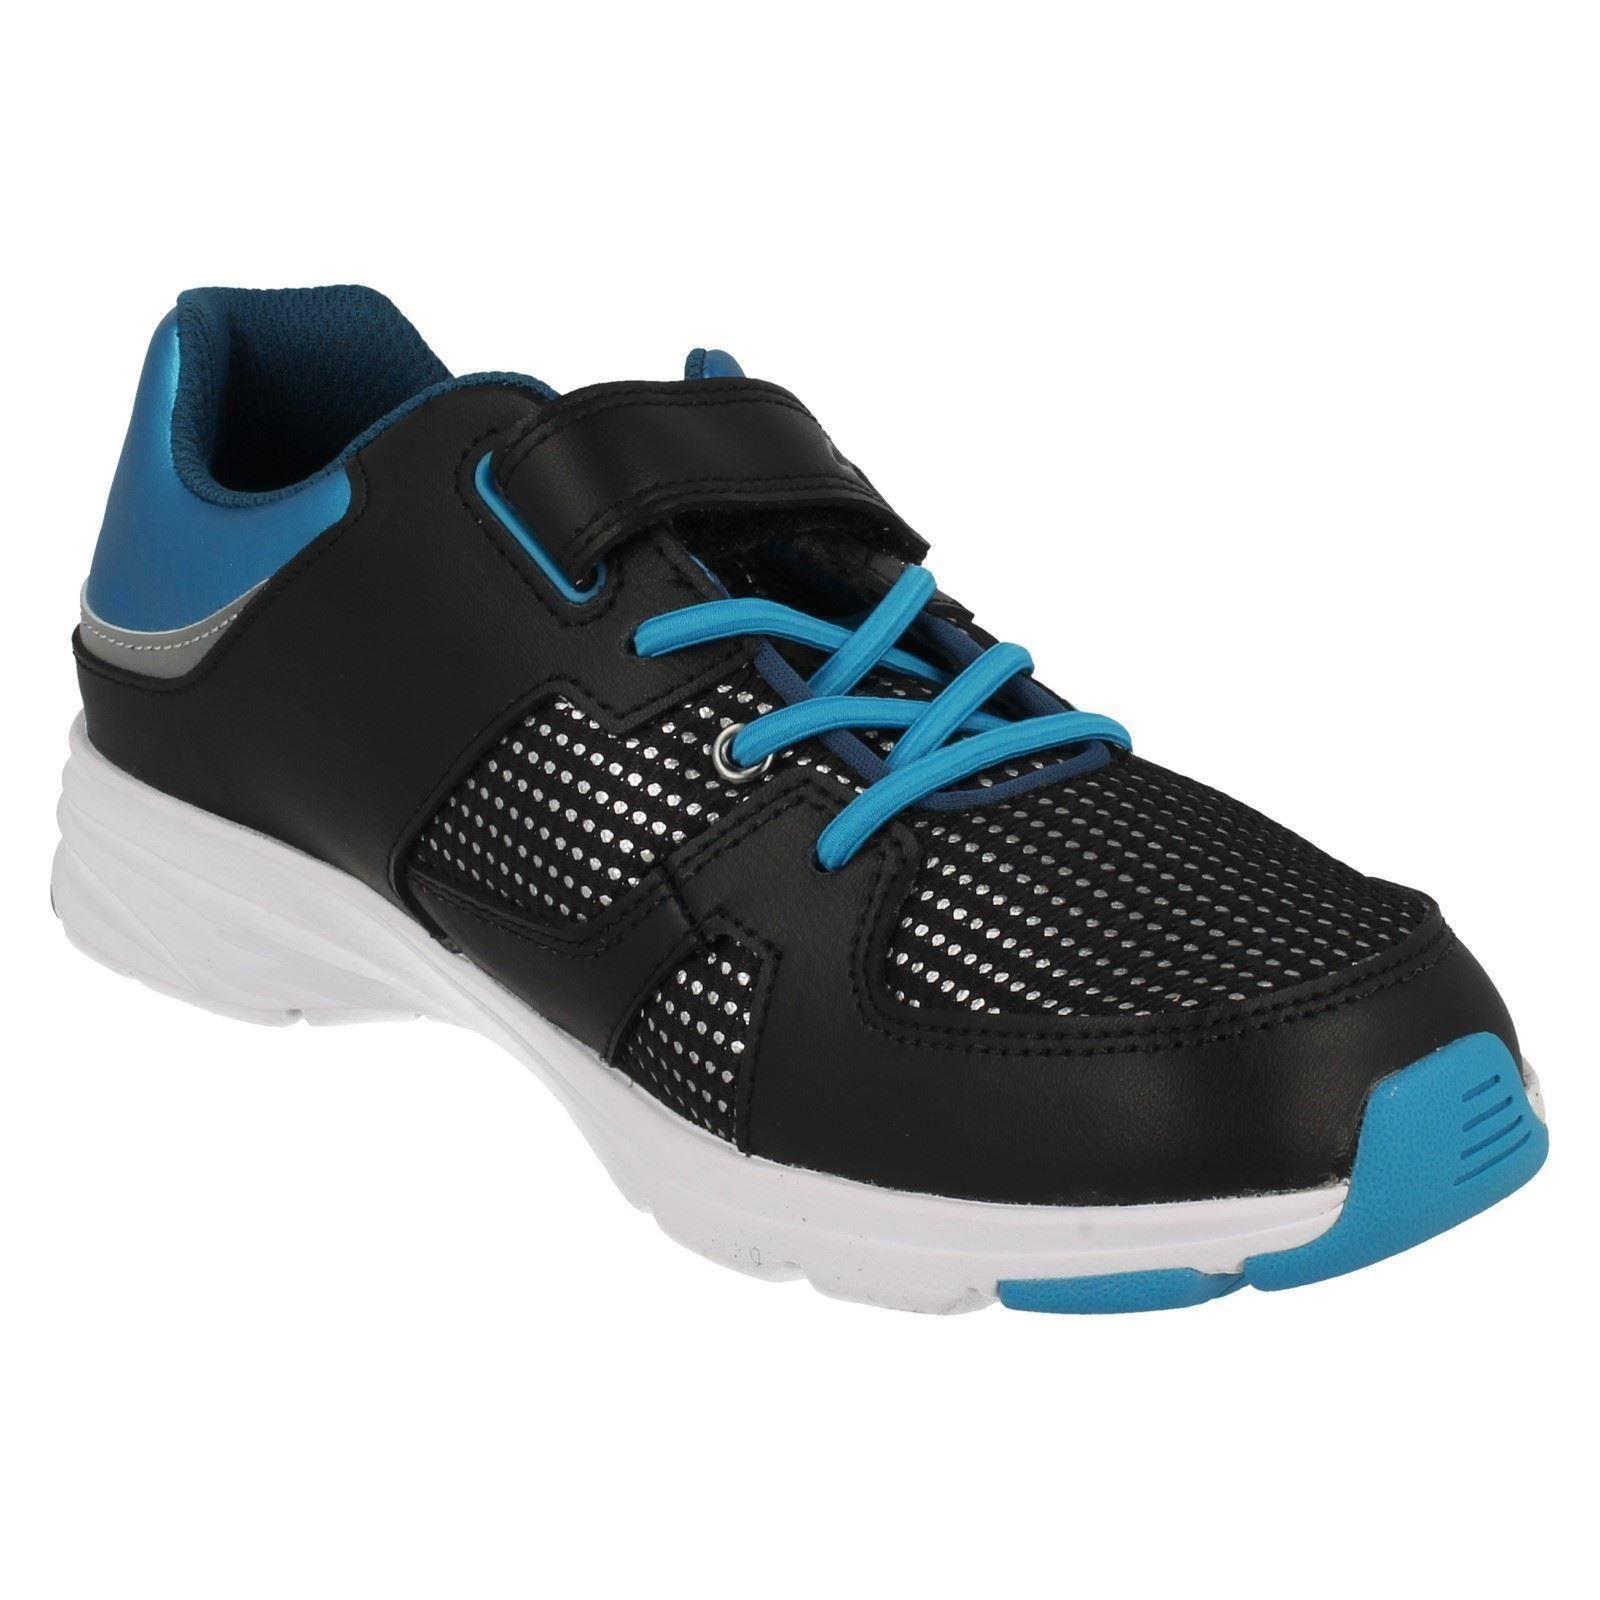 el Zapatillas espía para deportivas azul reflejan Gloforms niños Clarks xYwrBqRnY